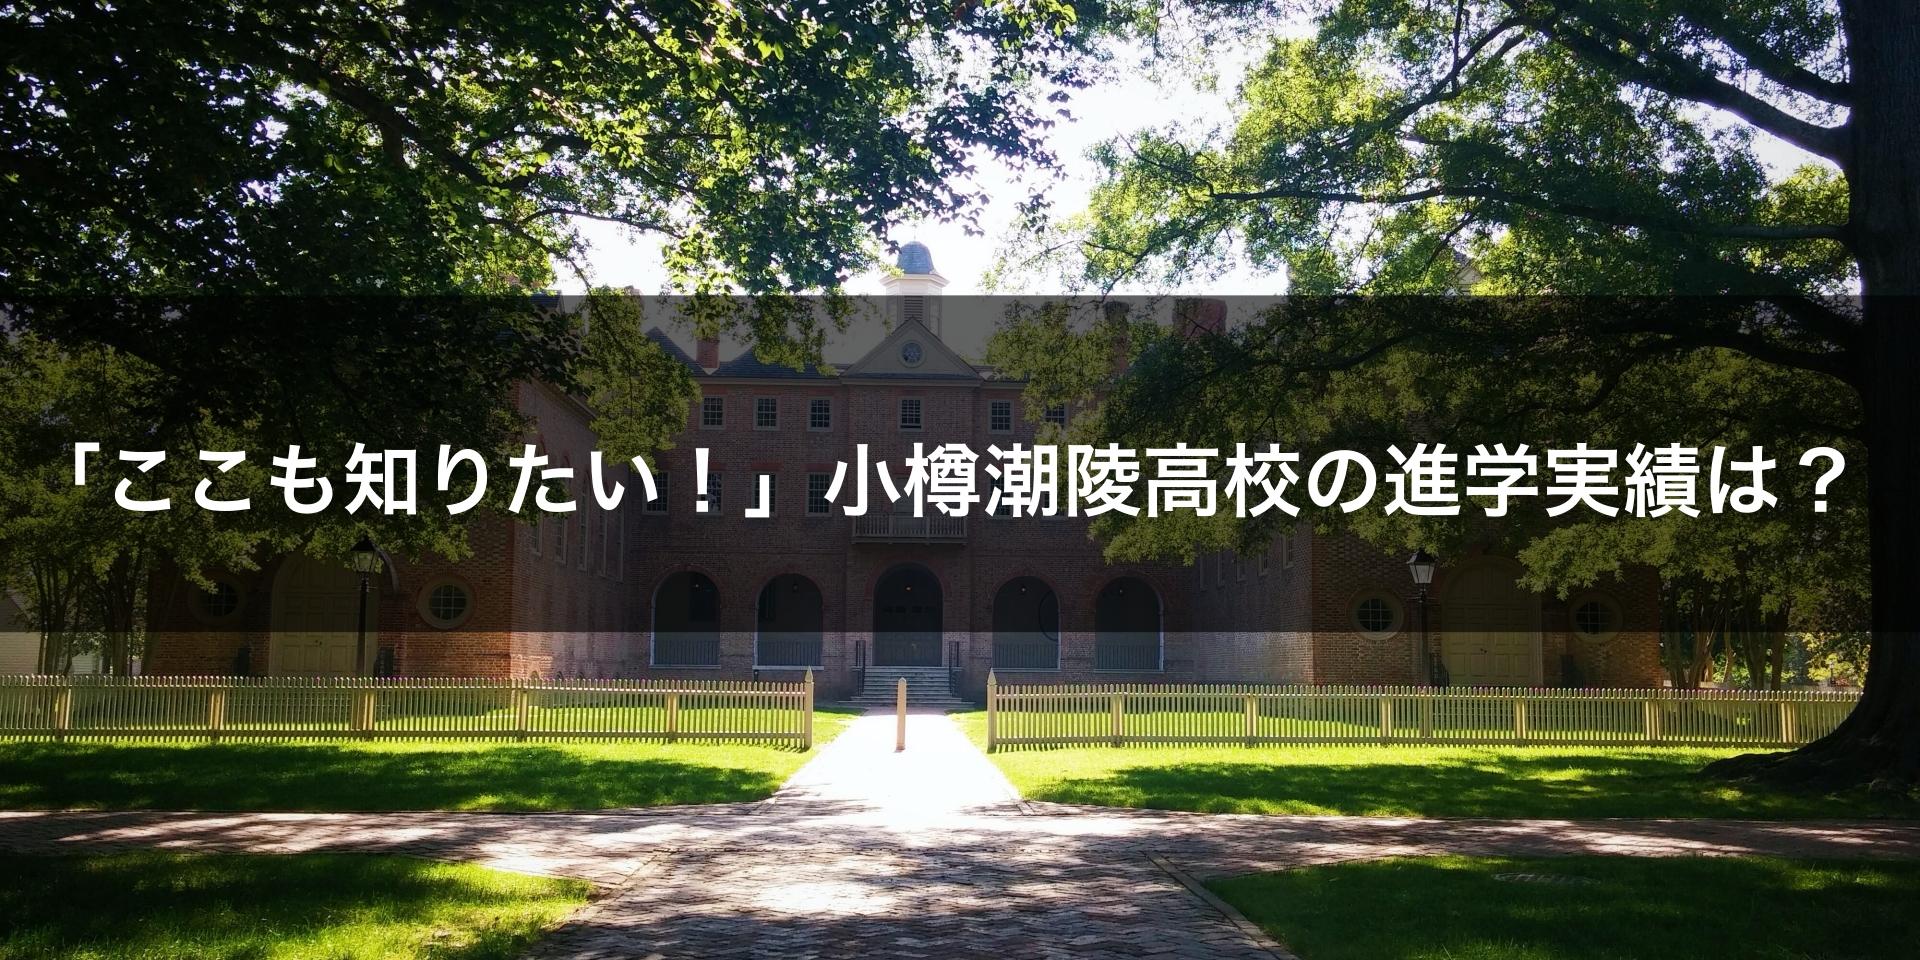 小樽潮陵高校の進学実績は?